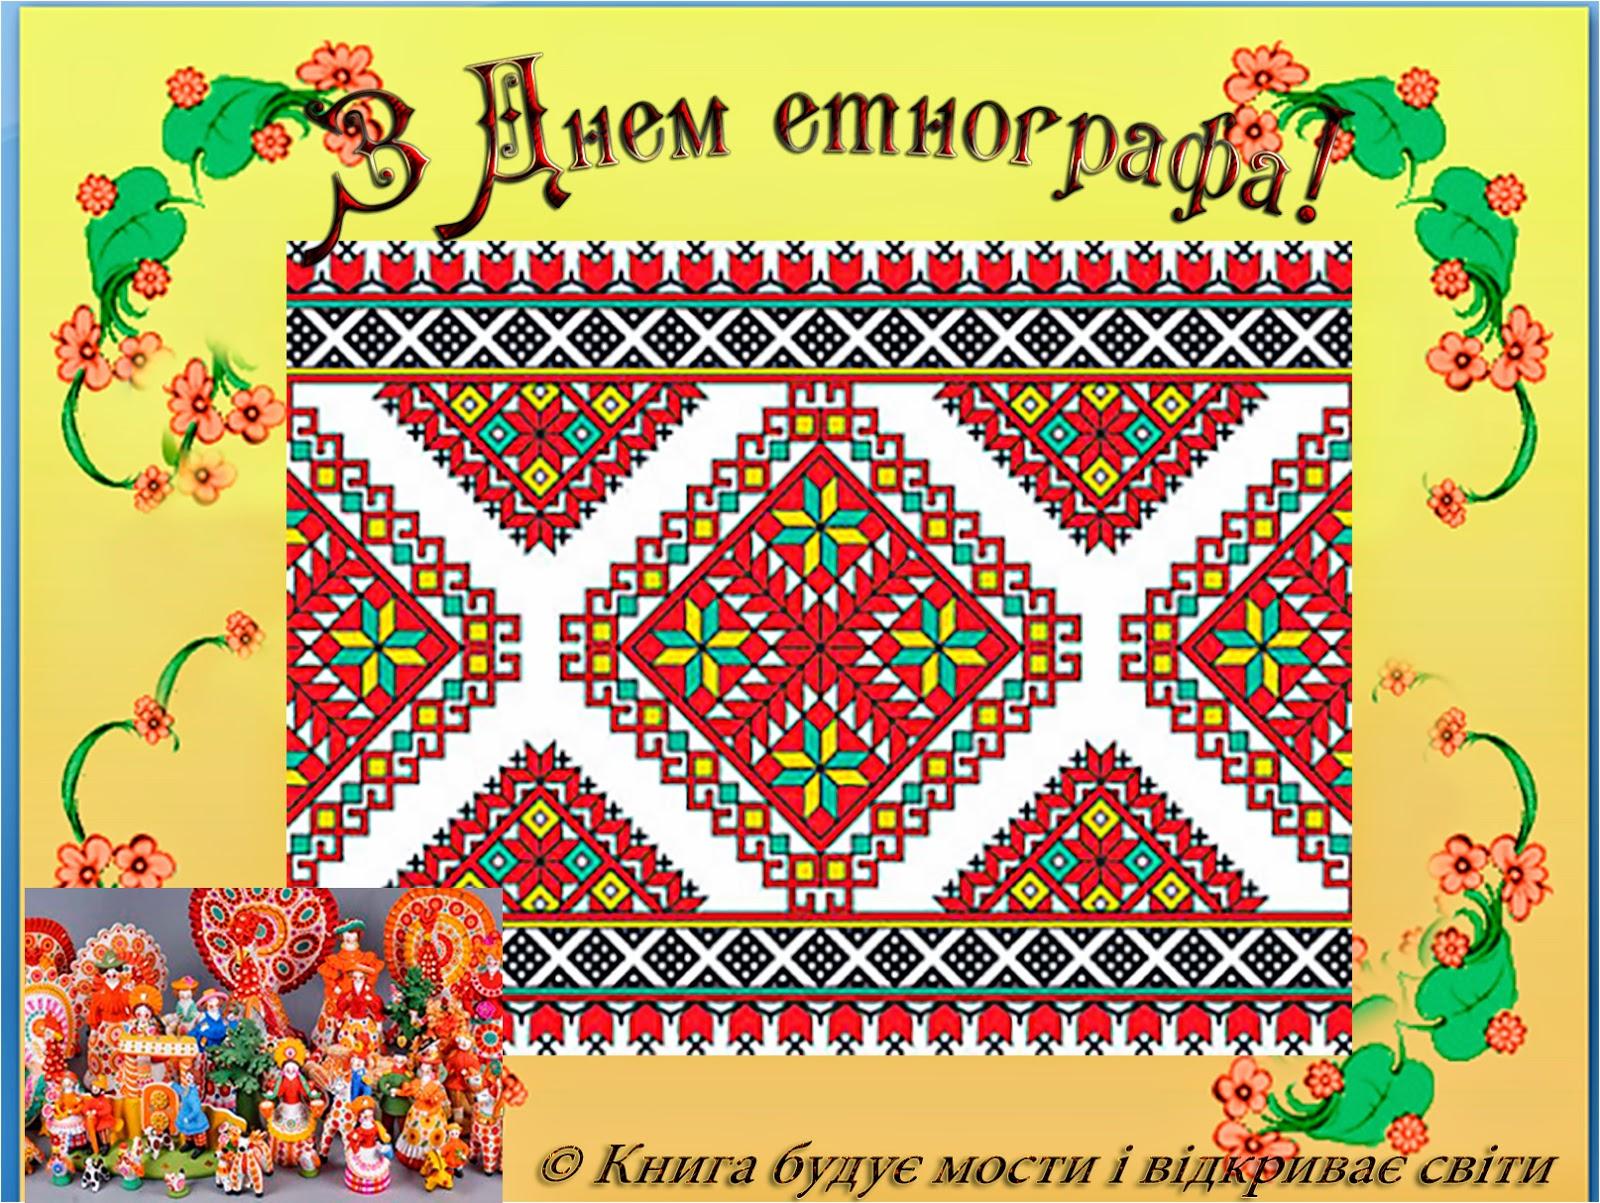 День етнографа 2019, заставки на рабочий стол 2к, 1600 на 1203 пикселей